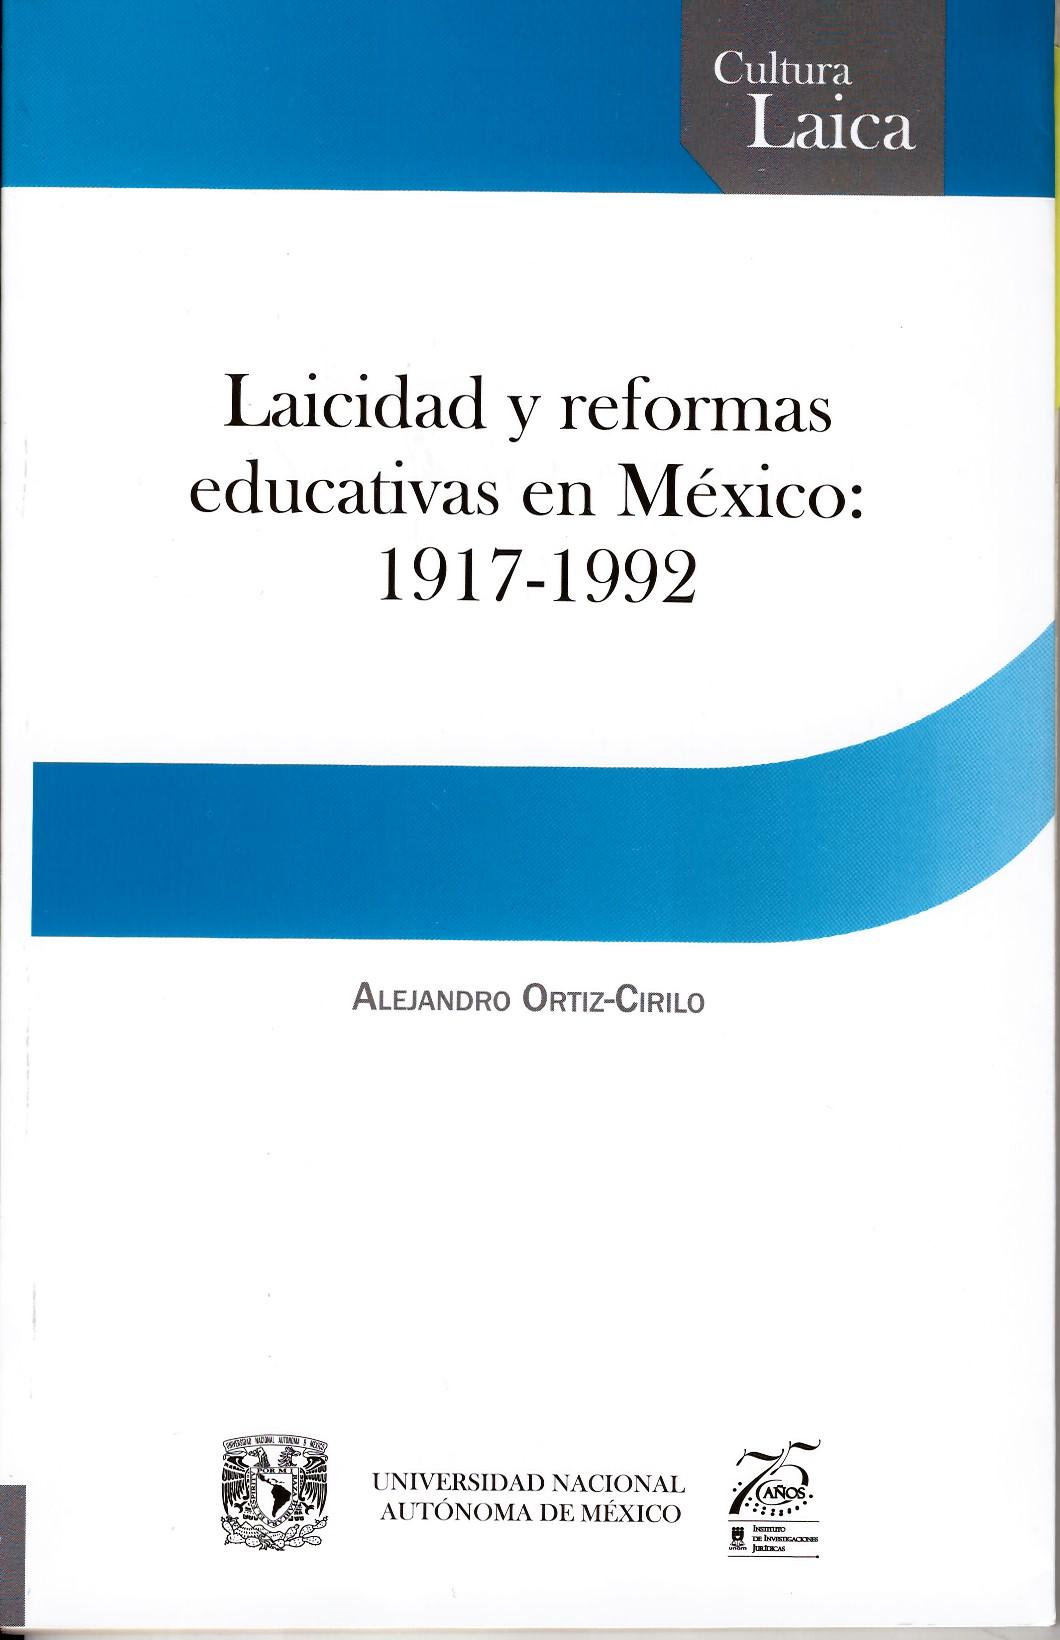 Laicidad y reformas educativas en México: 1917-1992